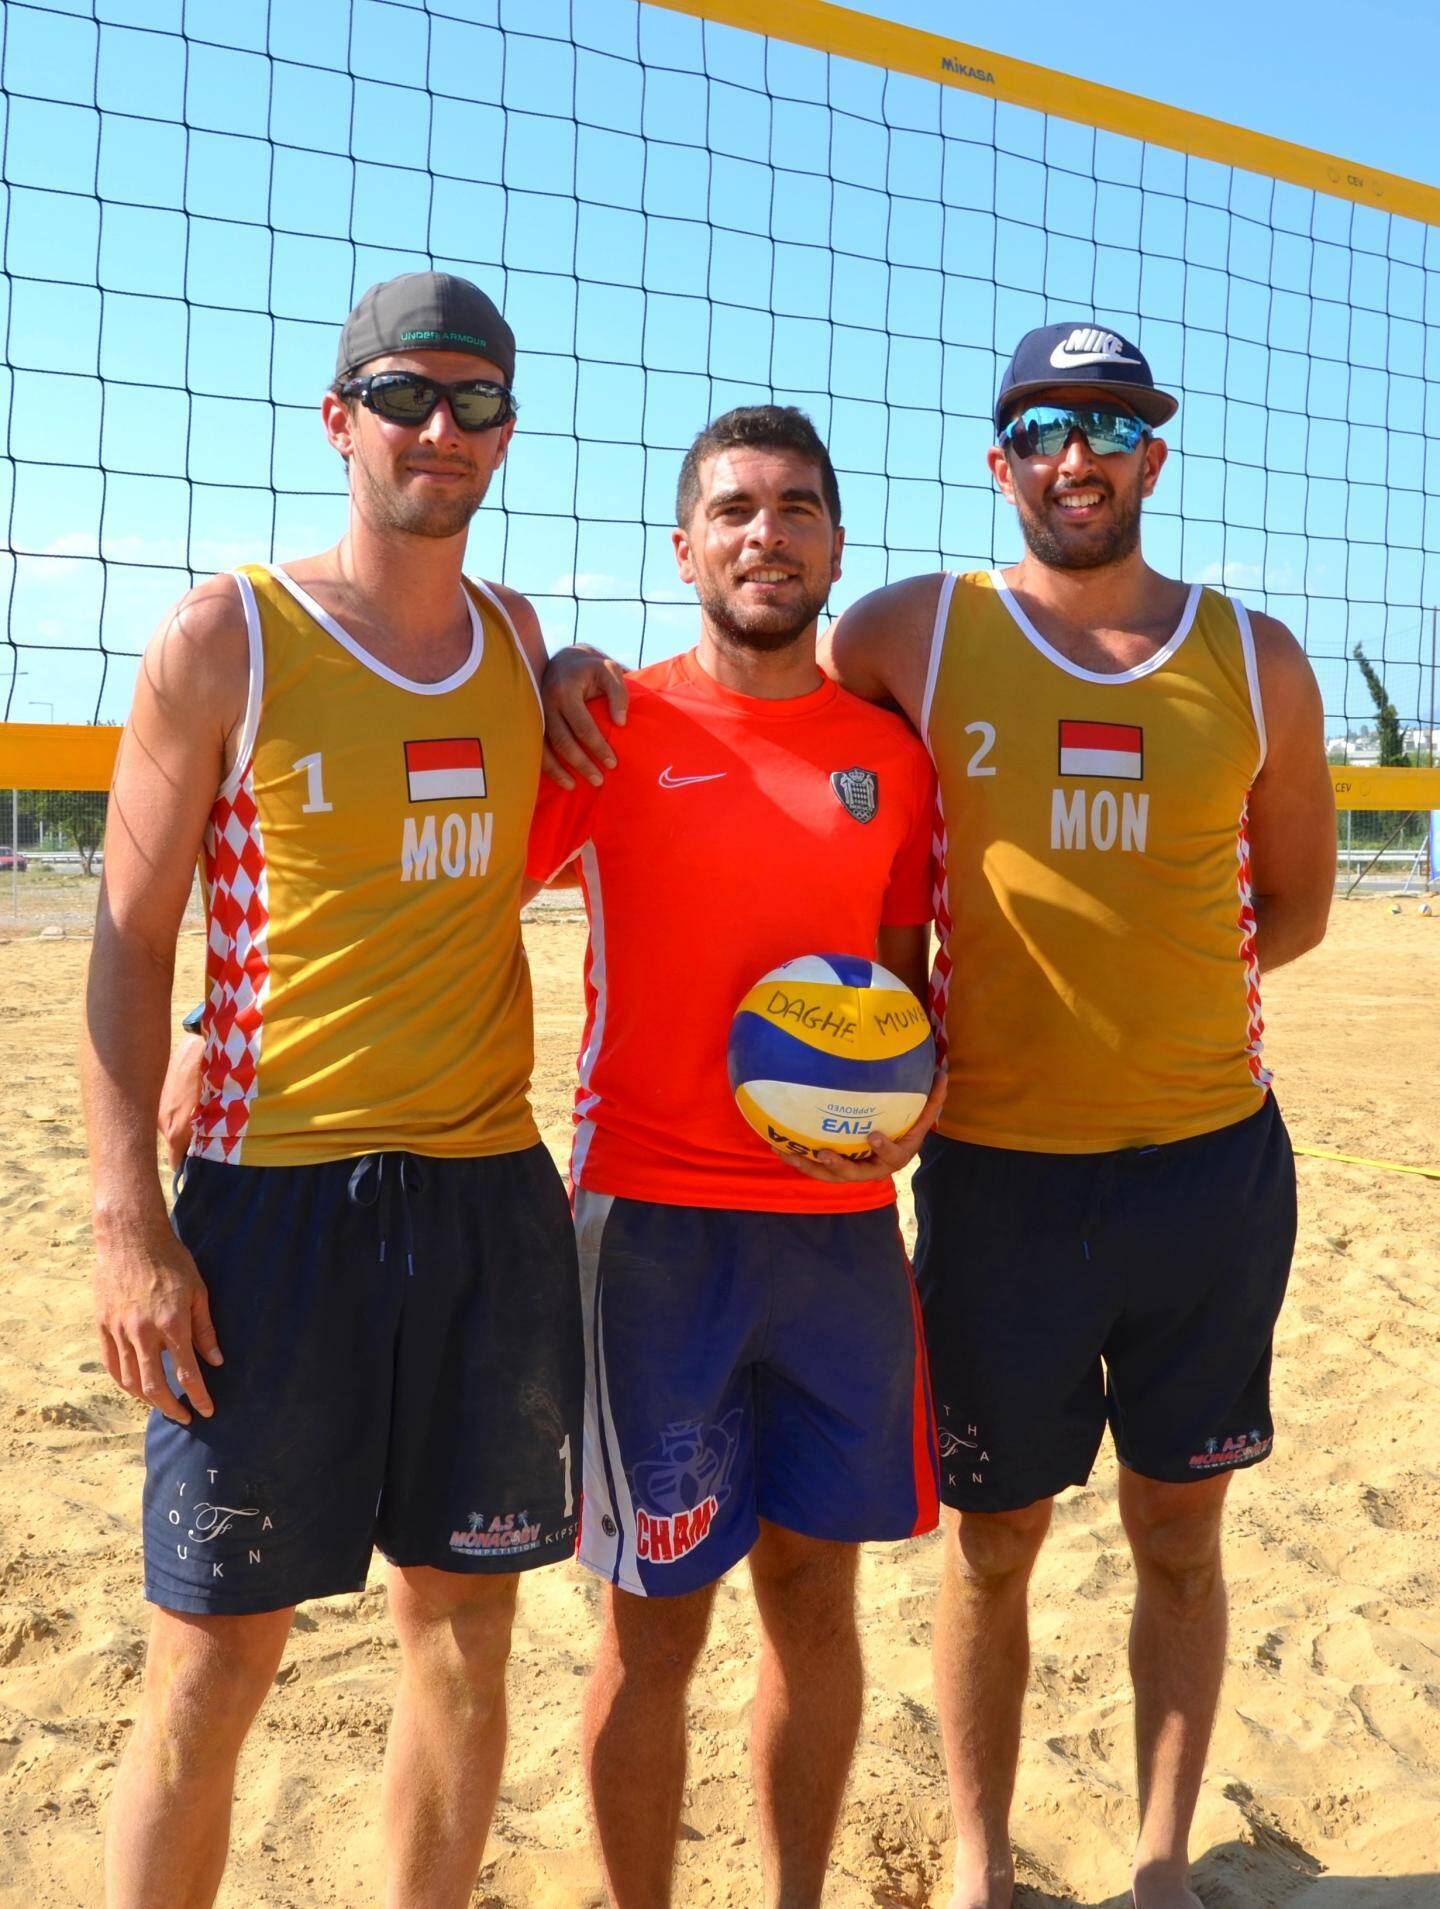 L'équipe de beach-volley monégasque aux côtés du prince Albert II et de Damien Desprat, chef de mission.   Sur le sable de Patras, Pascal et Vincent Ferry ont terminé 9e.